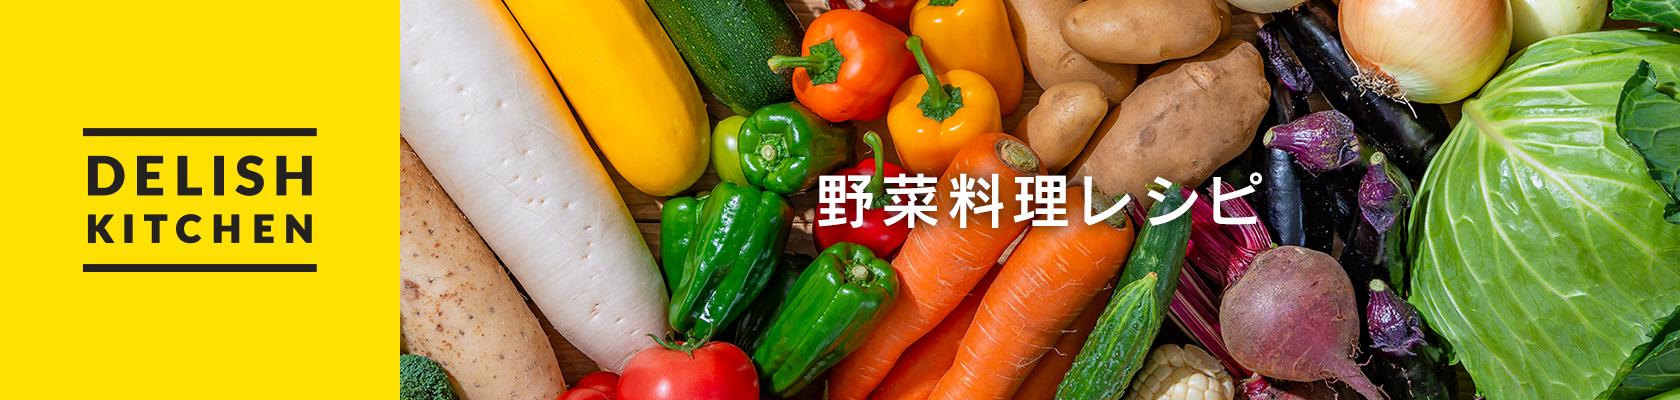 デリッシュキッチン 野菜料理レシピ